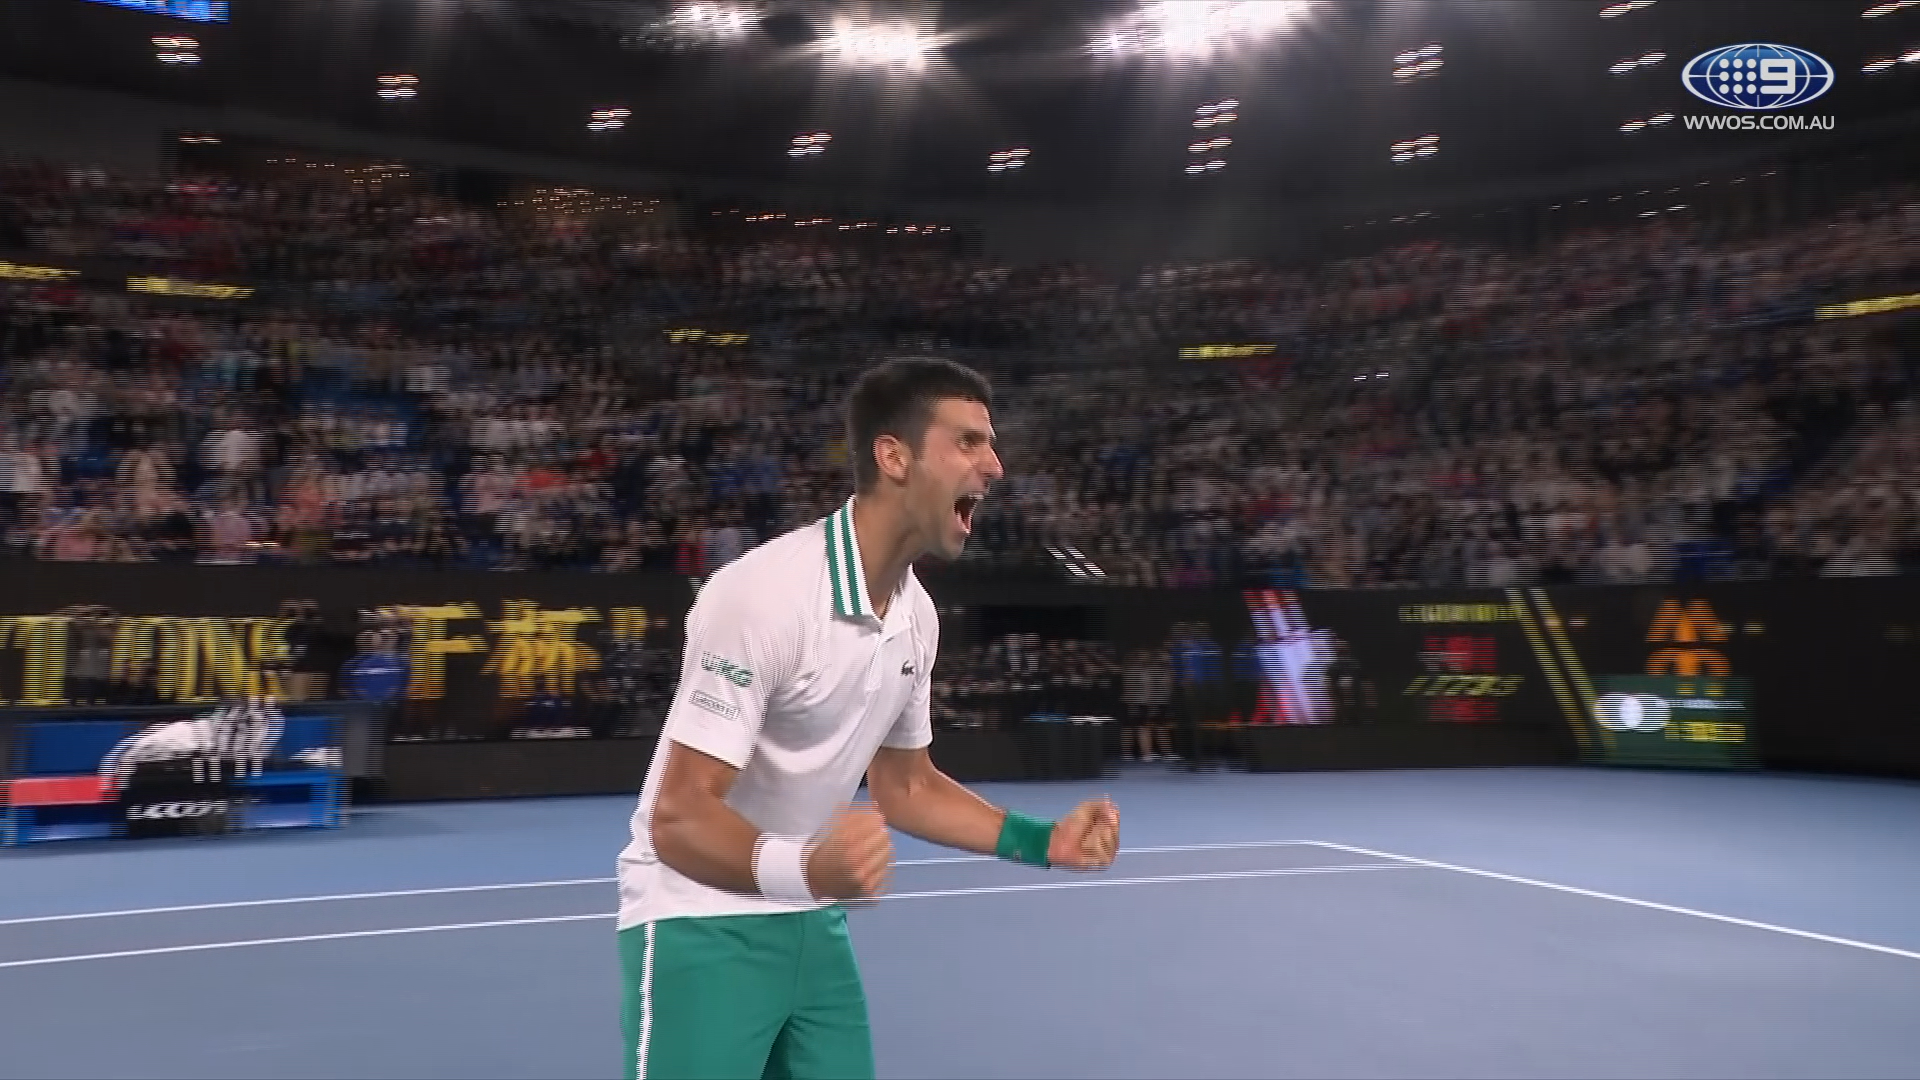 Australian Open: Novak Djokovic v Daniil Medvedev